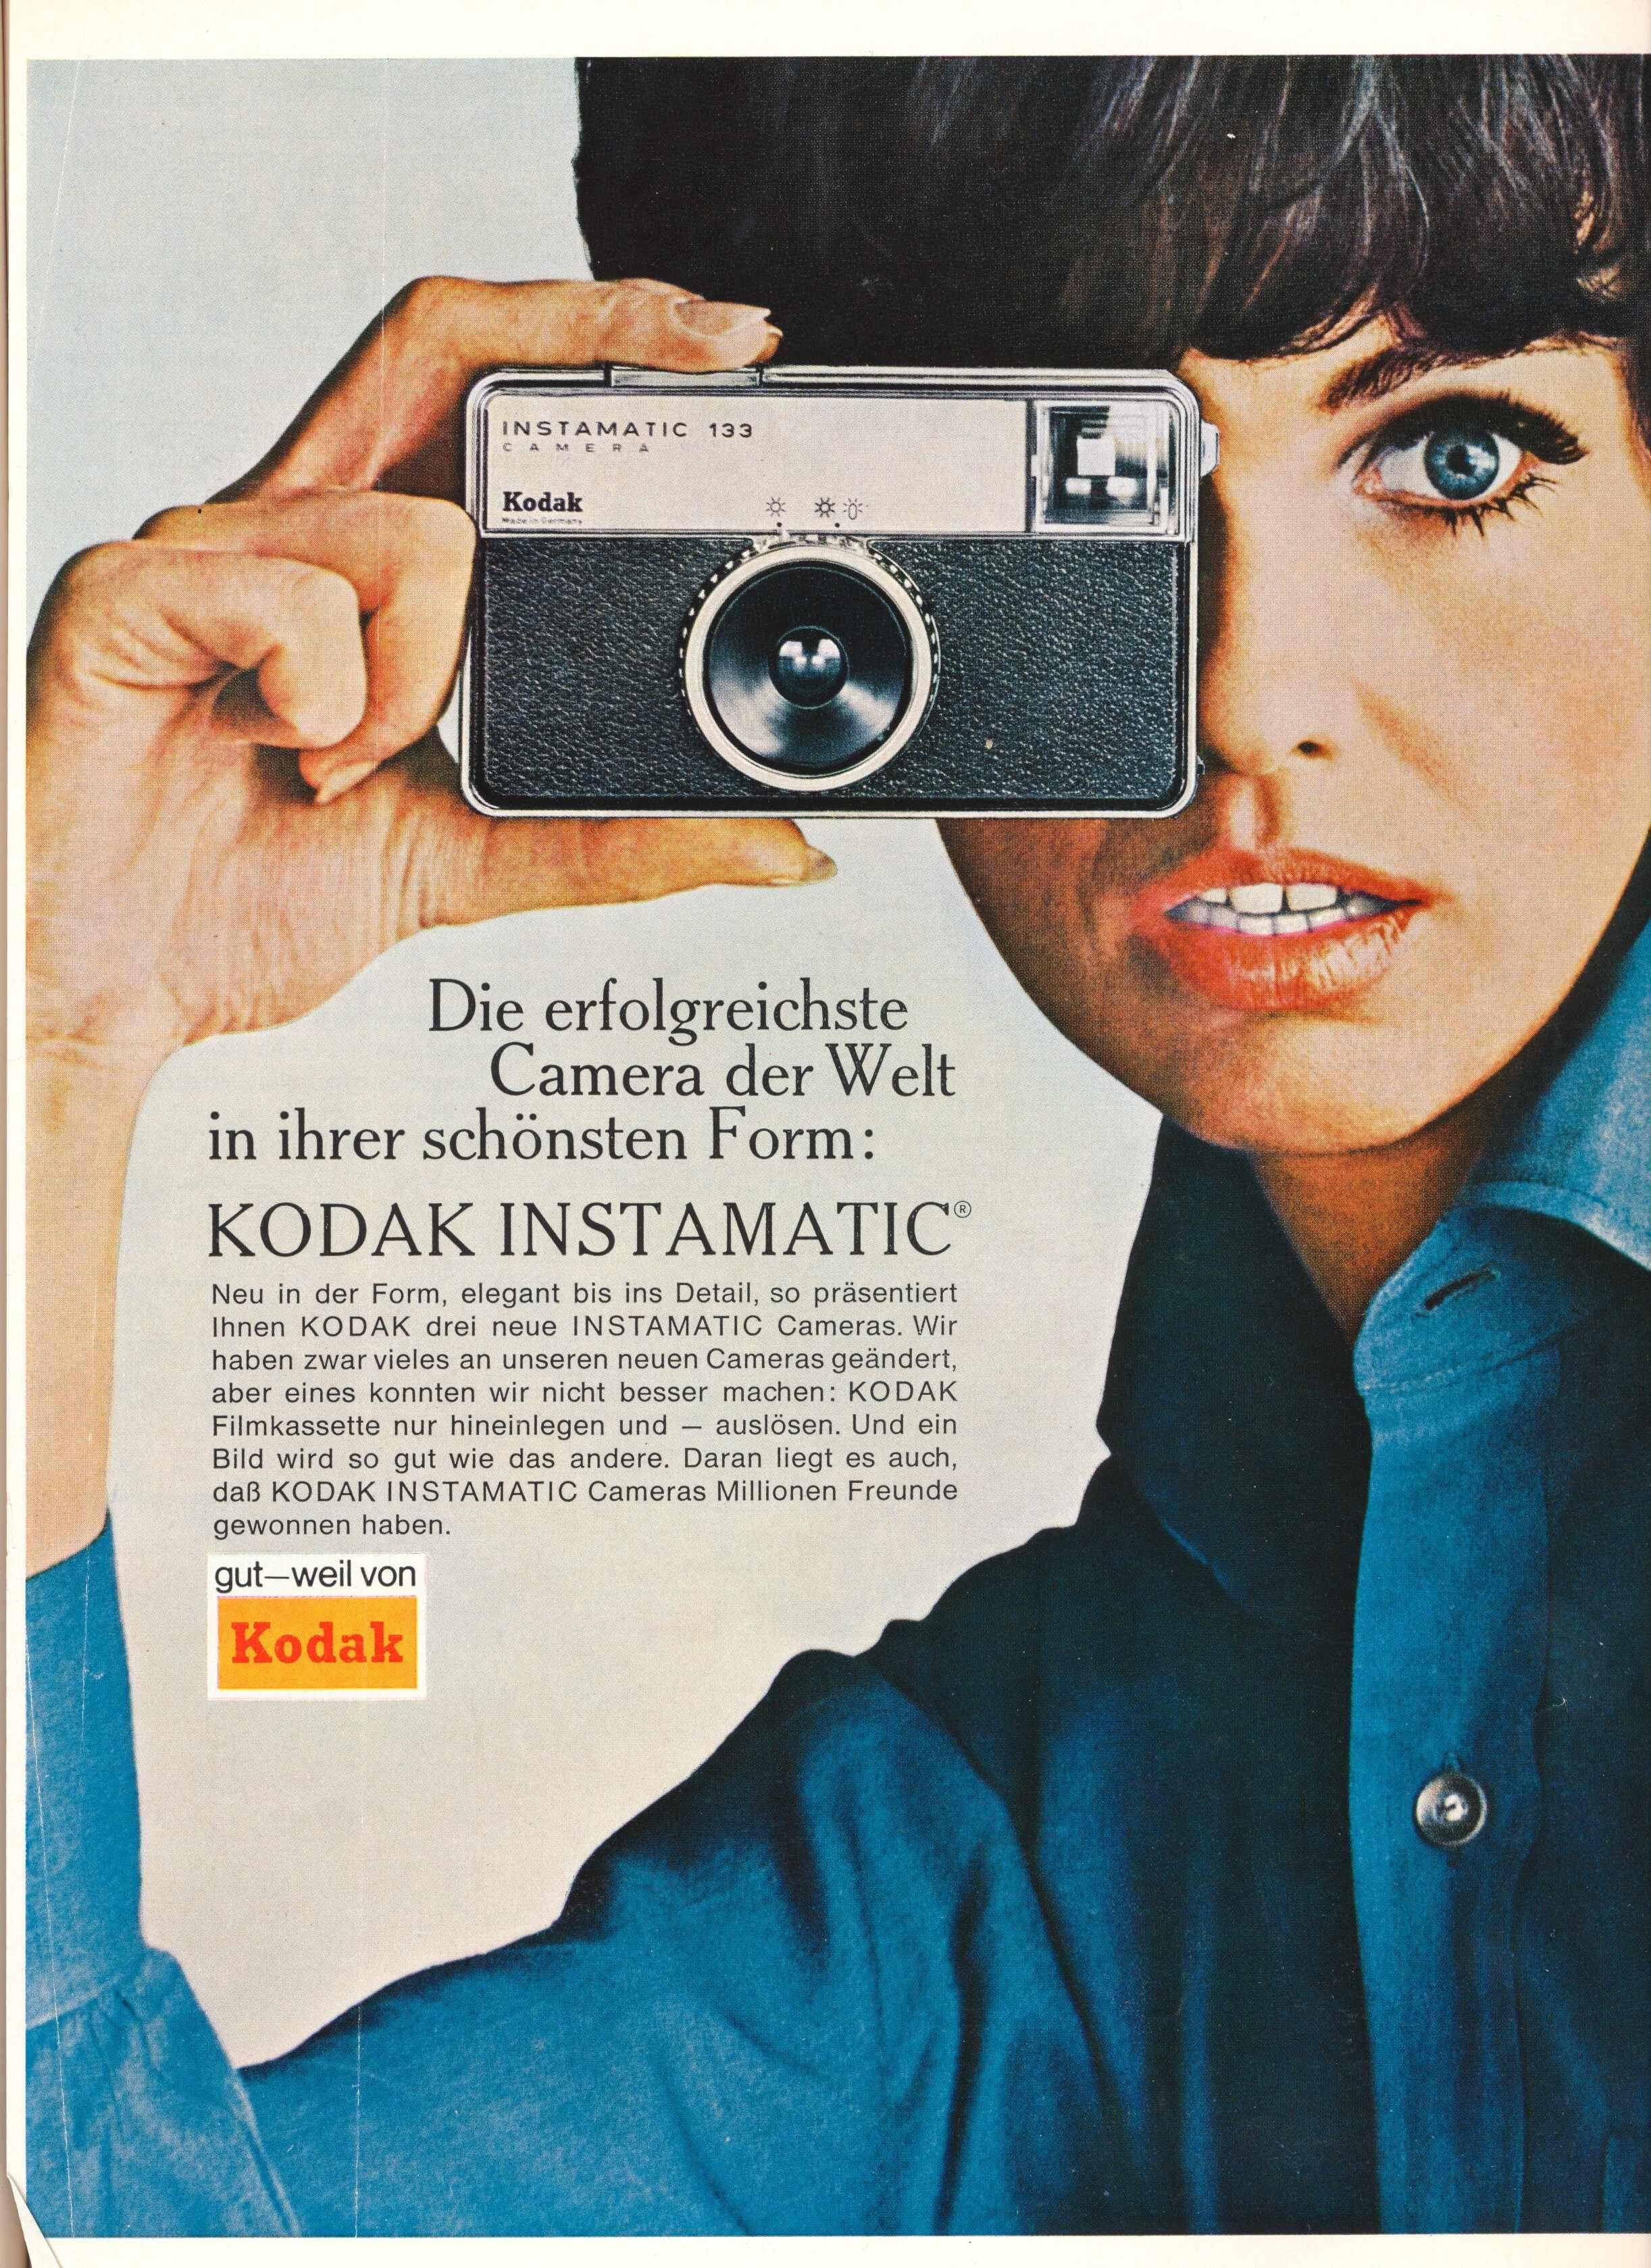 реклама фотоаппарата плакат пары появился совместный